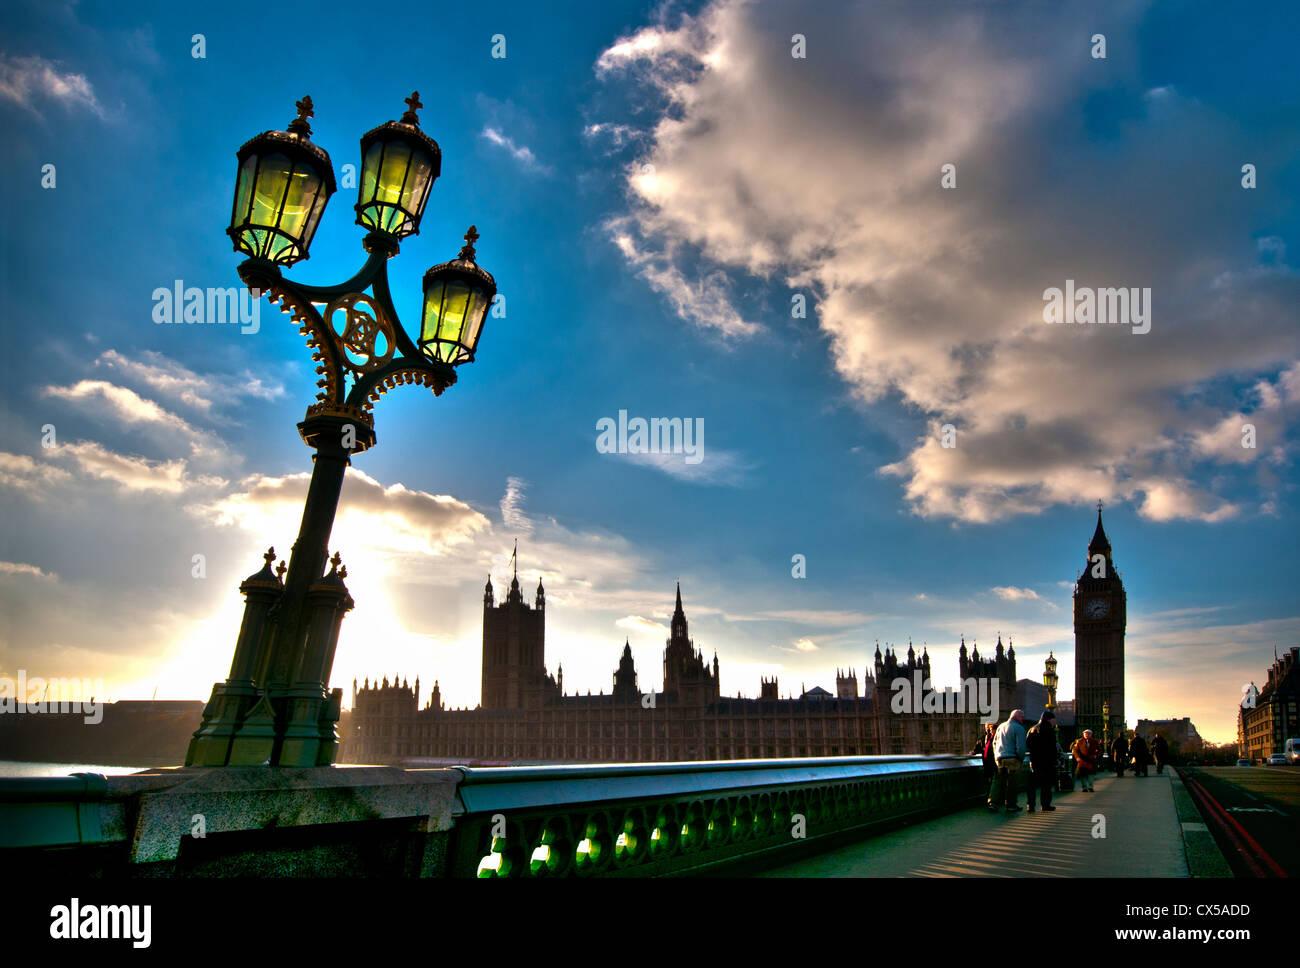 Las casas del parlamento, Westminster, Londres, Inglaterra, Reino Unido. Foto de stock